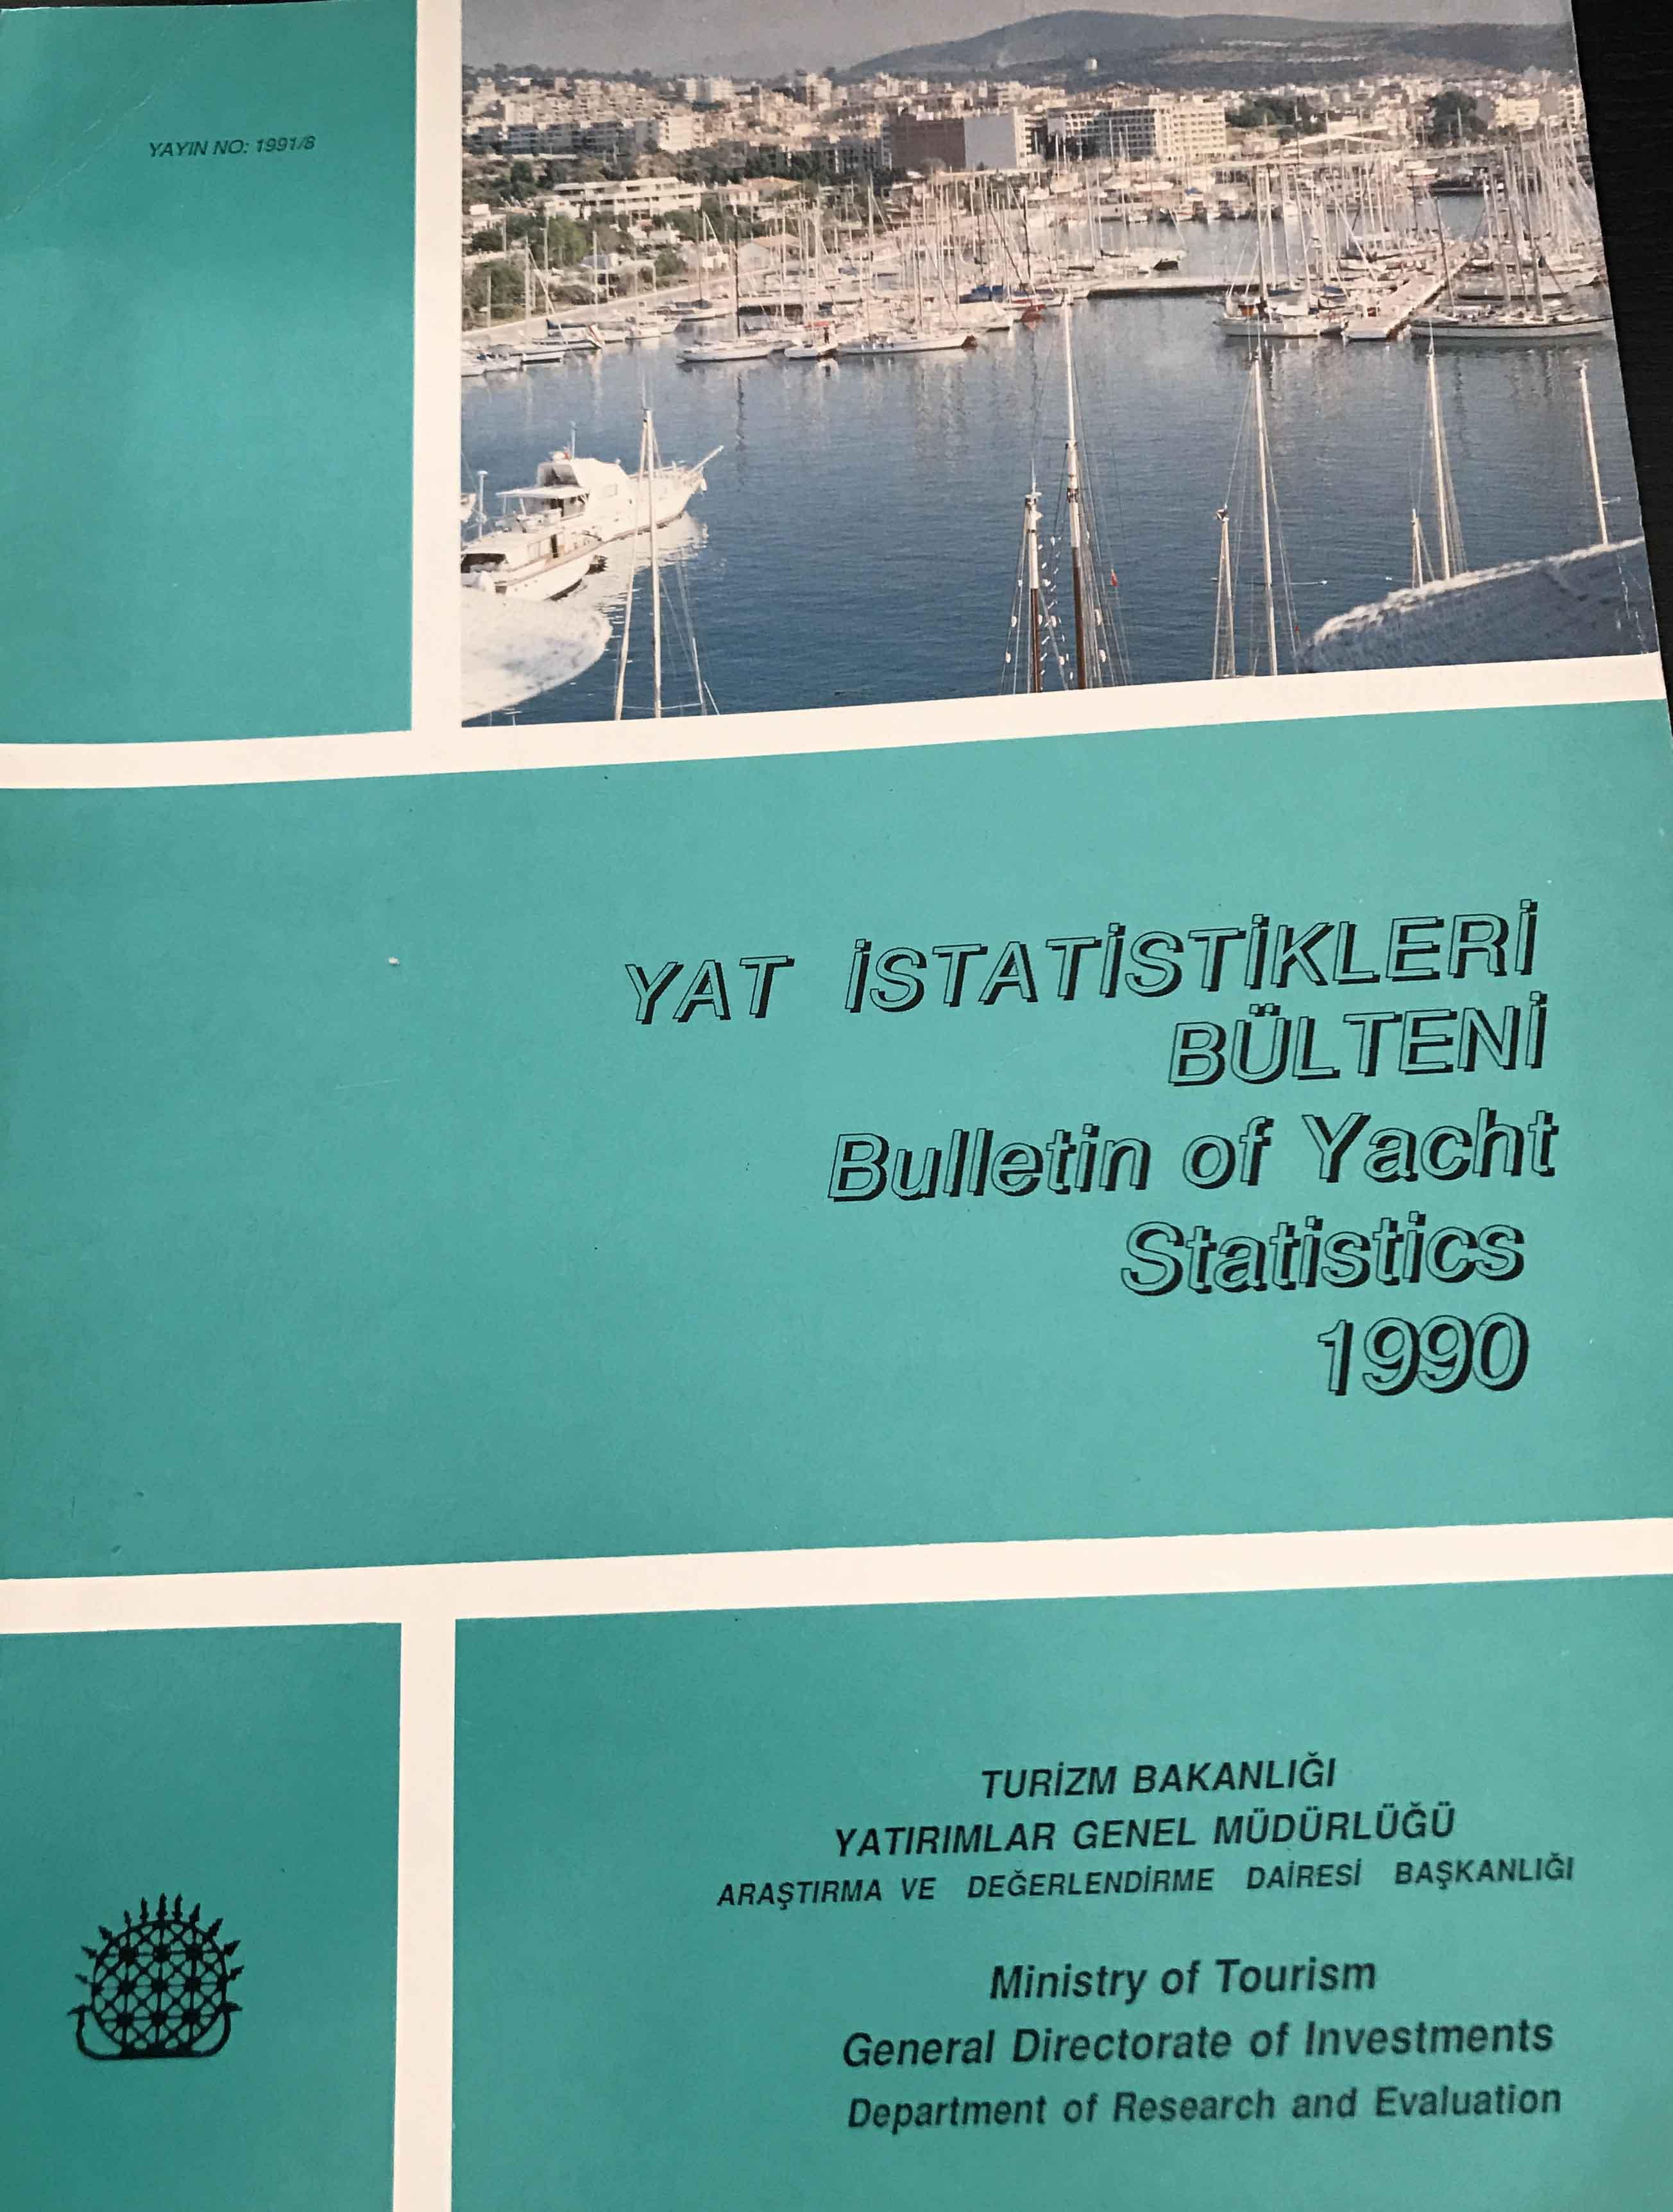 Yat İstatistikleri Bülteni 1990 Kitap Kapağı